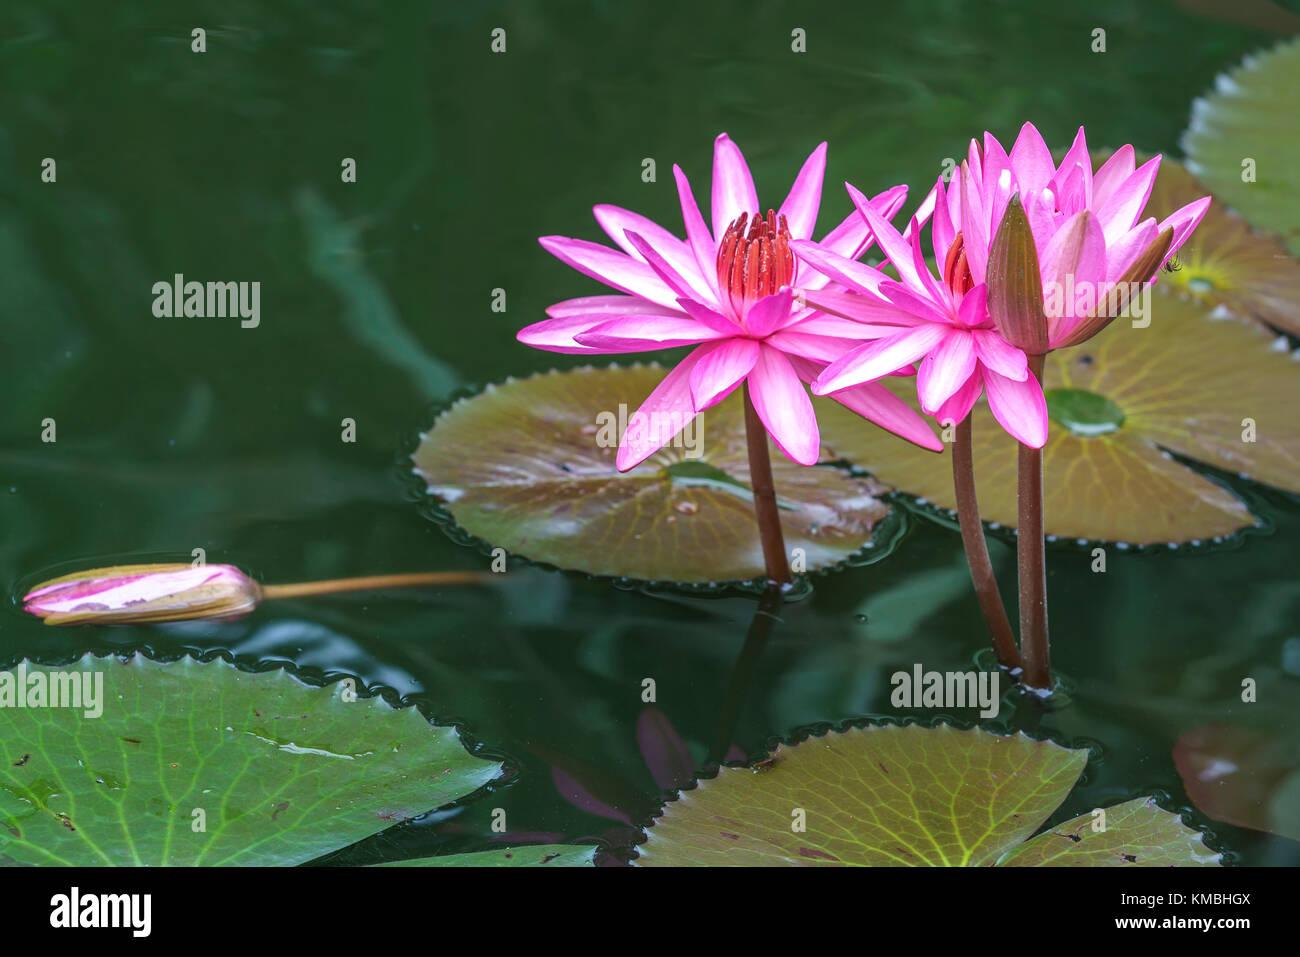 Waterlily closeup blooming rosa en el lago, esta es una flor florece en el pantano y sólo florece en la mañana Imagen De Stock